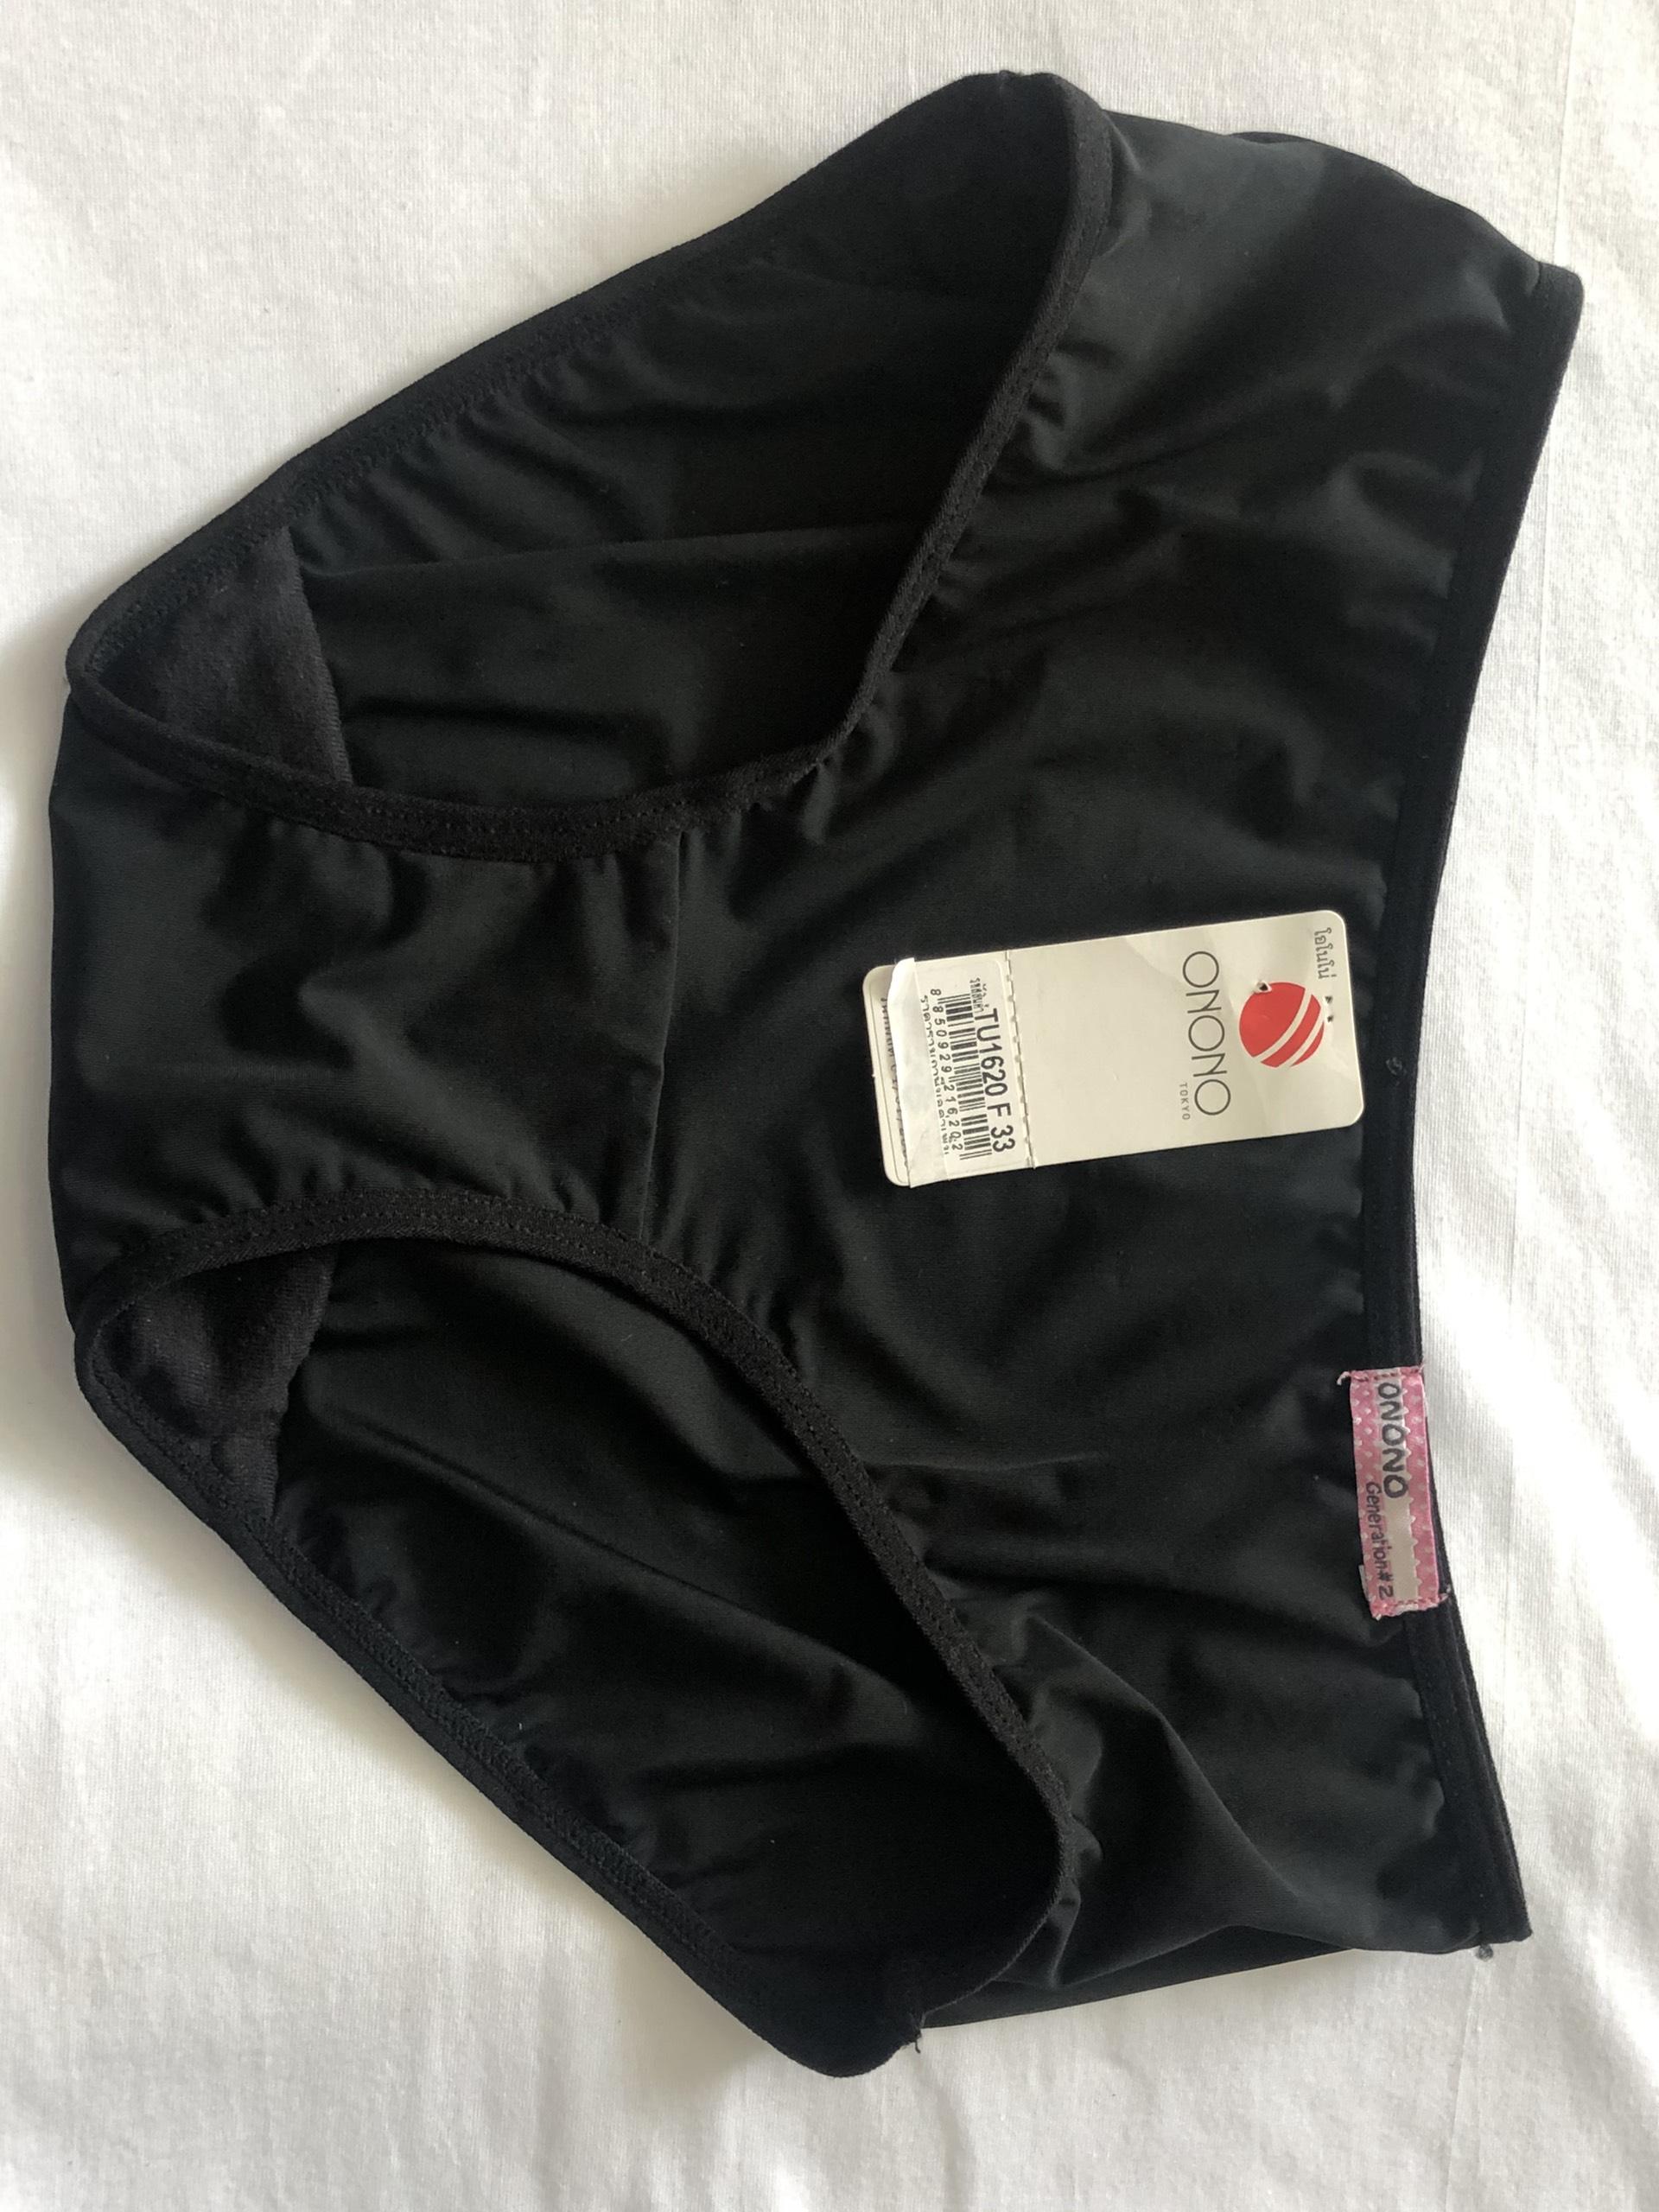 Quần lót nữ loại TU 1620 F (80% dệt từ nylon, 20% dệt từ sợi tổng hợp Lycra)